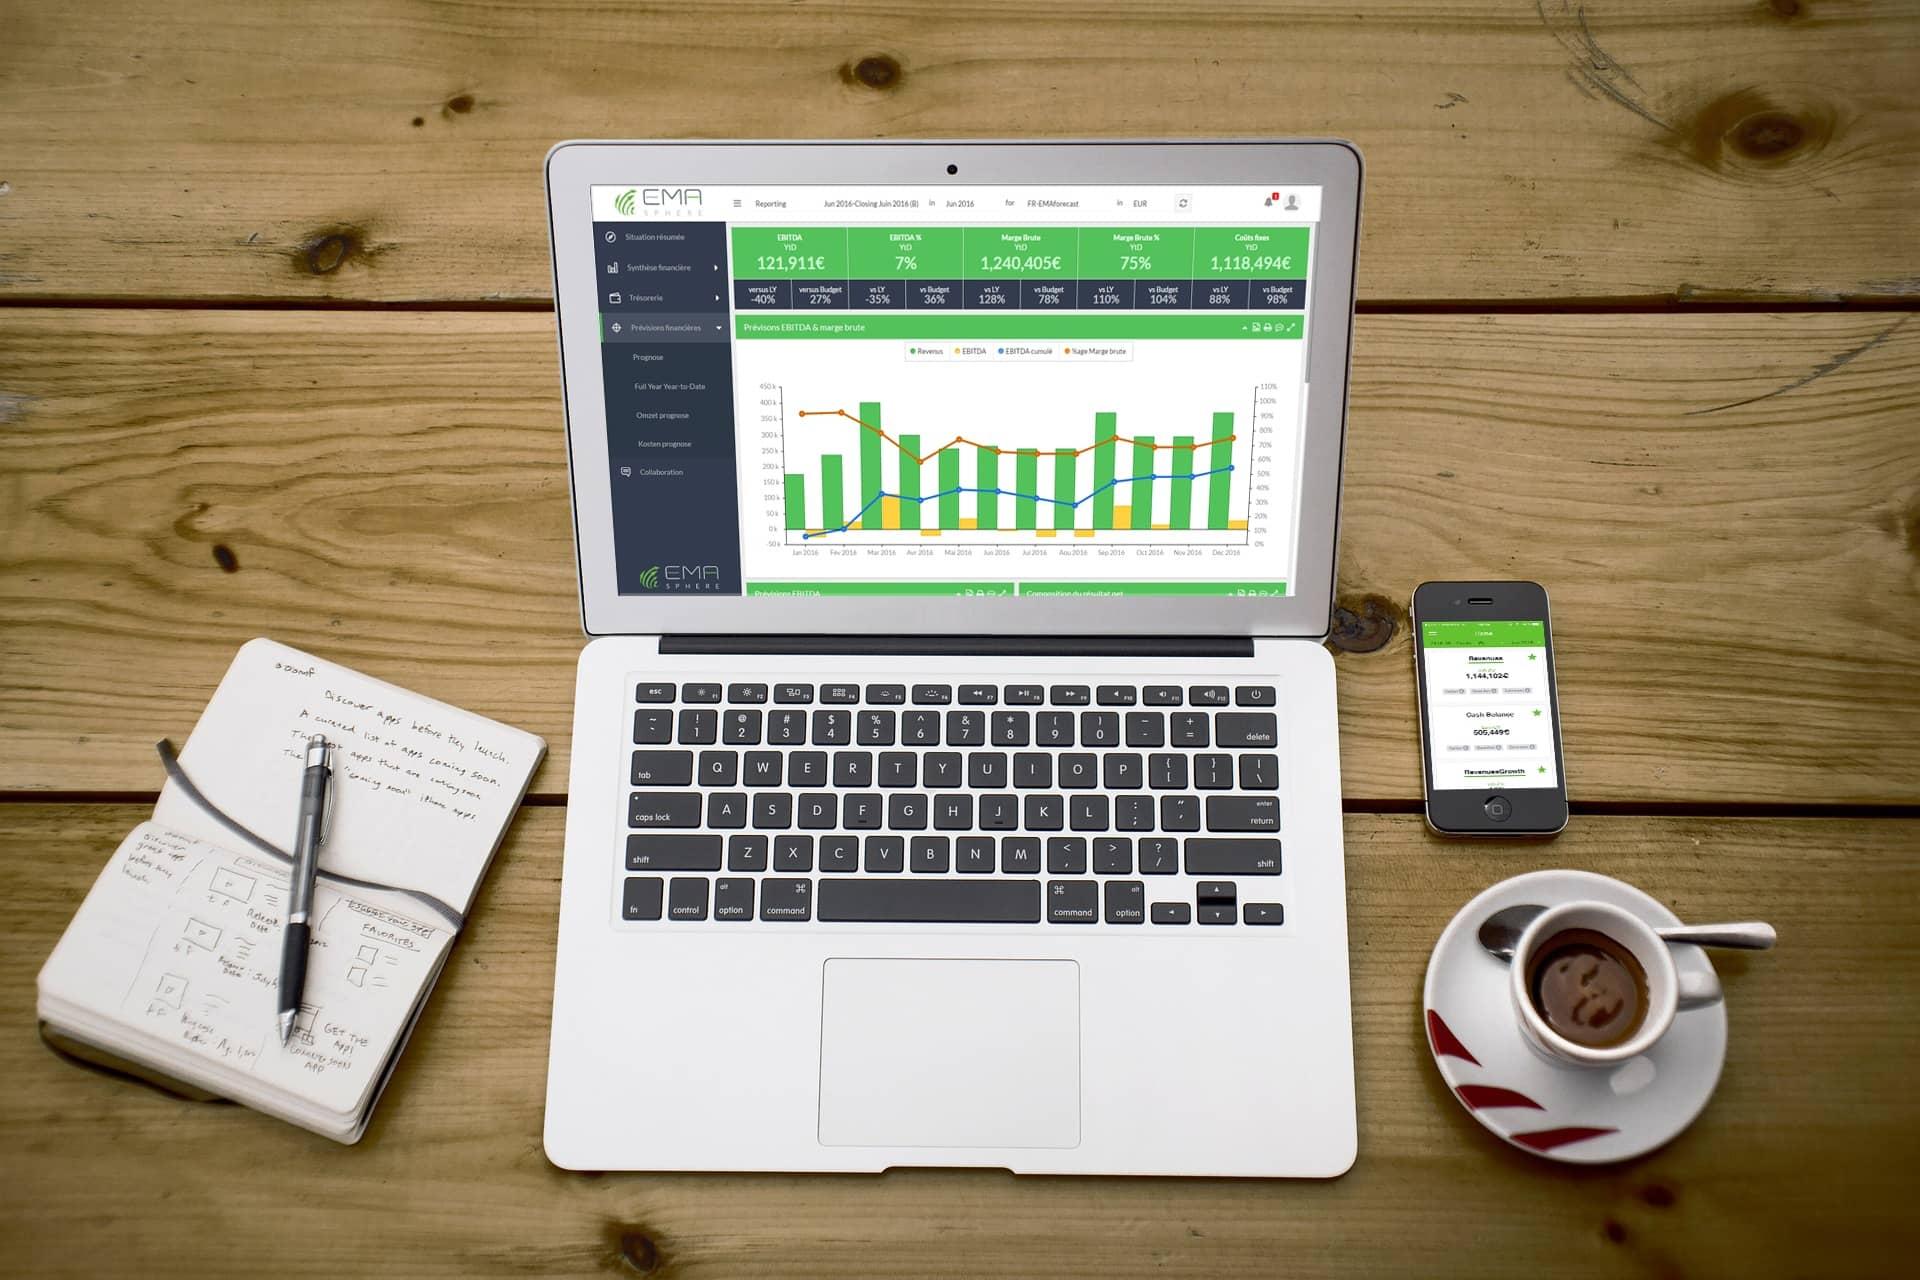 Outil de prévision financière disponible sur ordinateur et smartphone